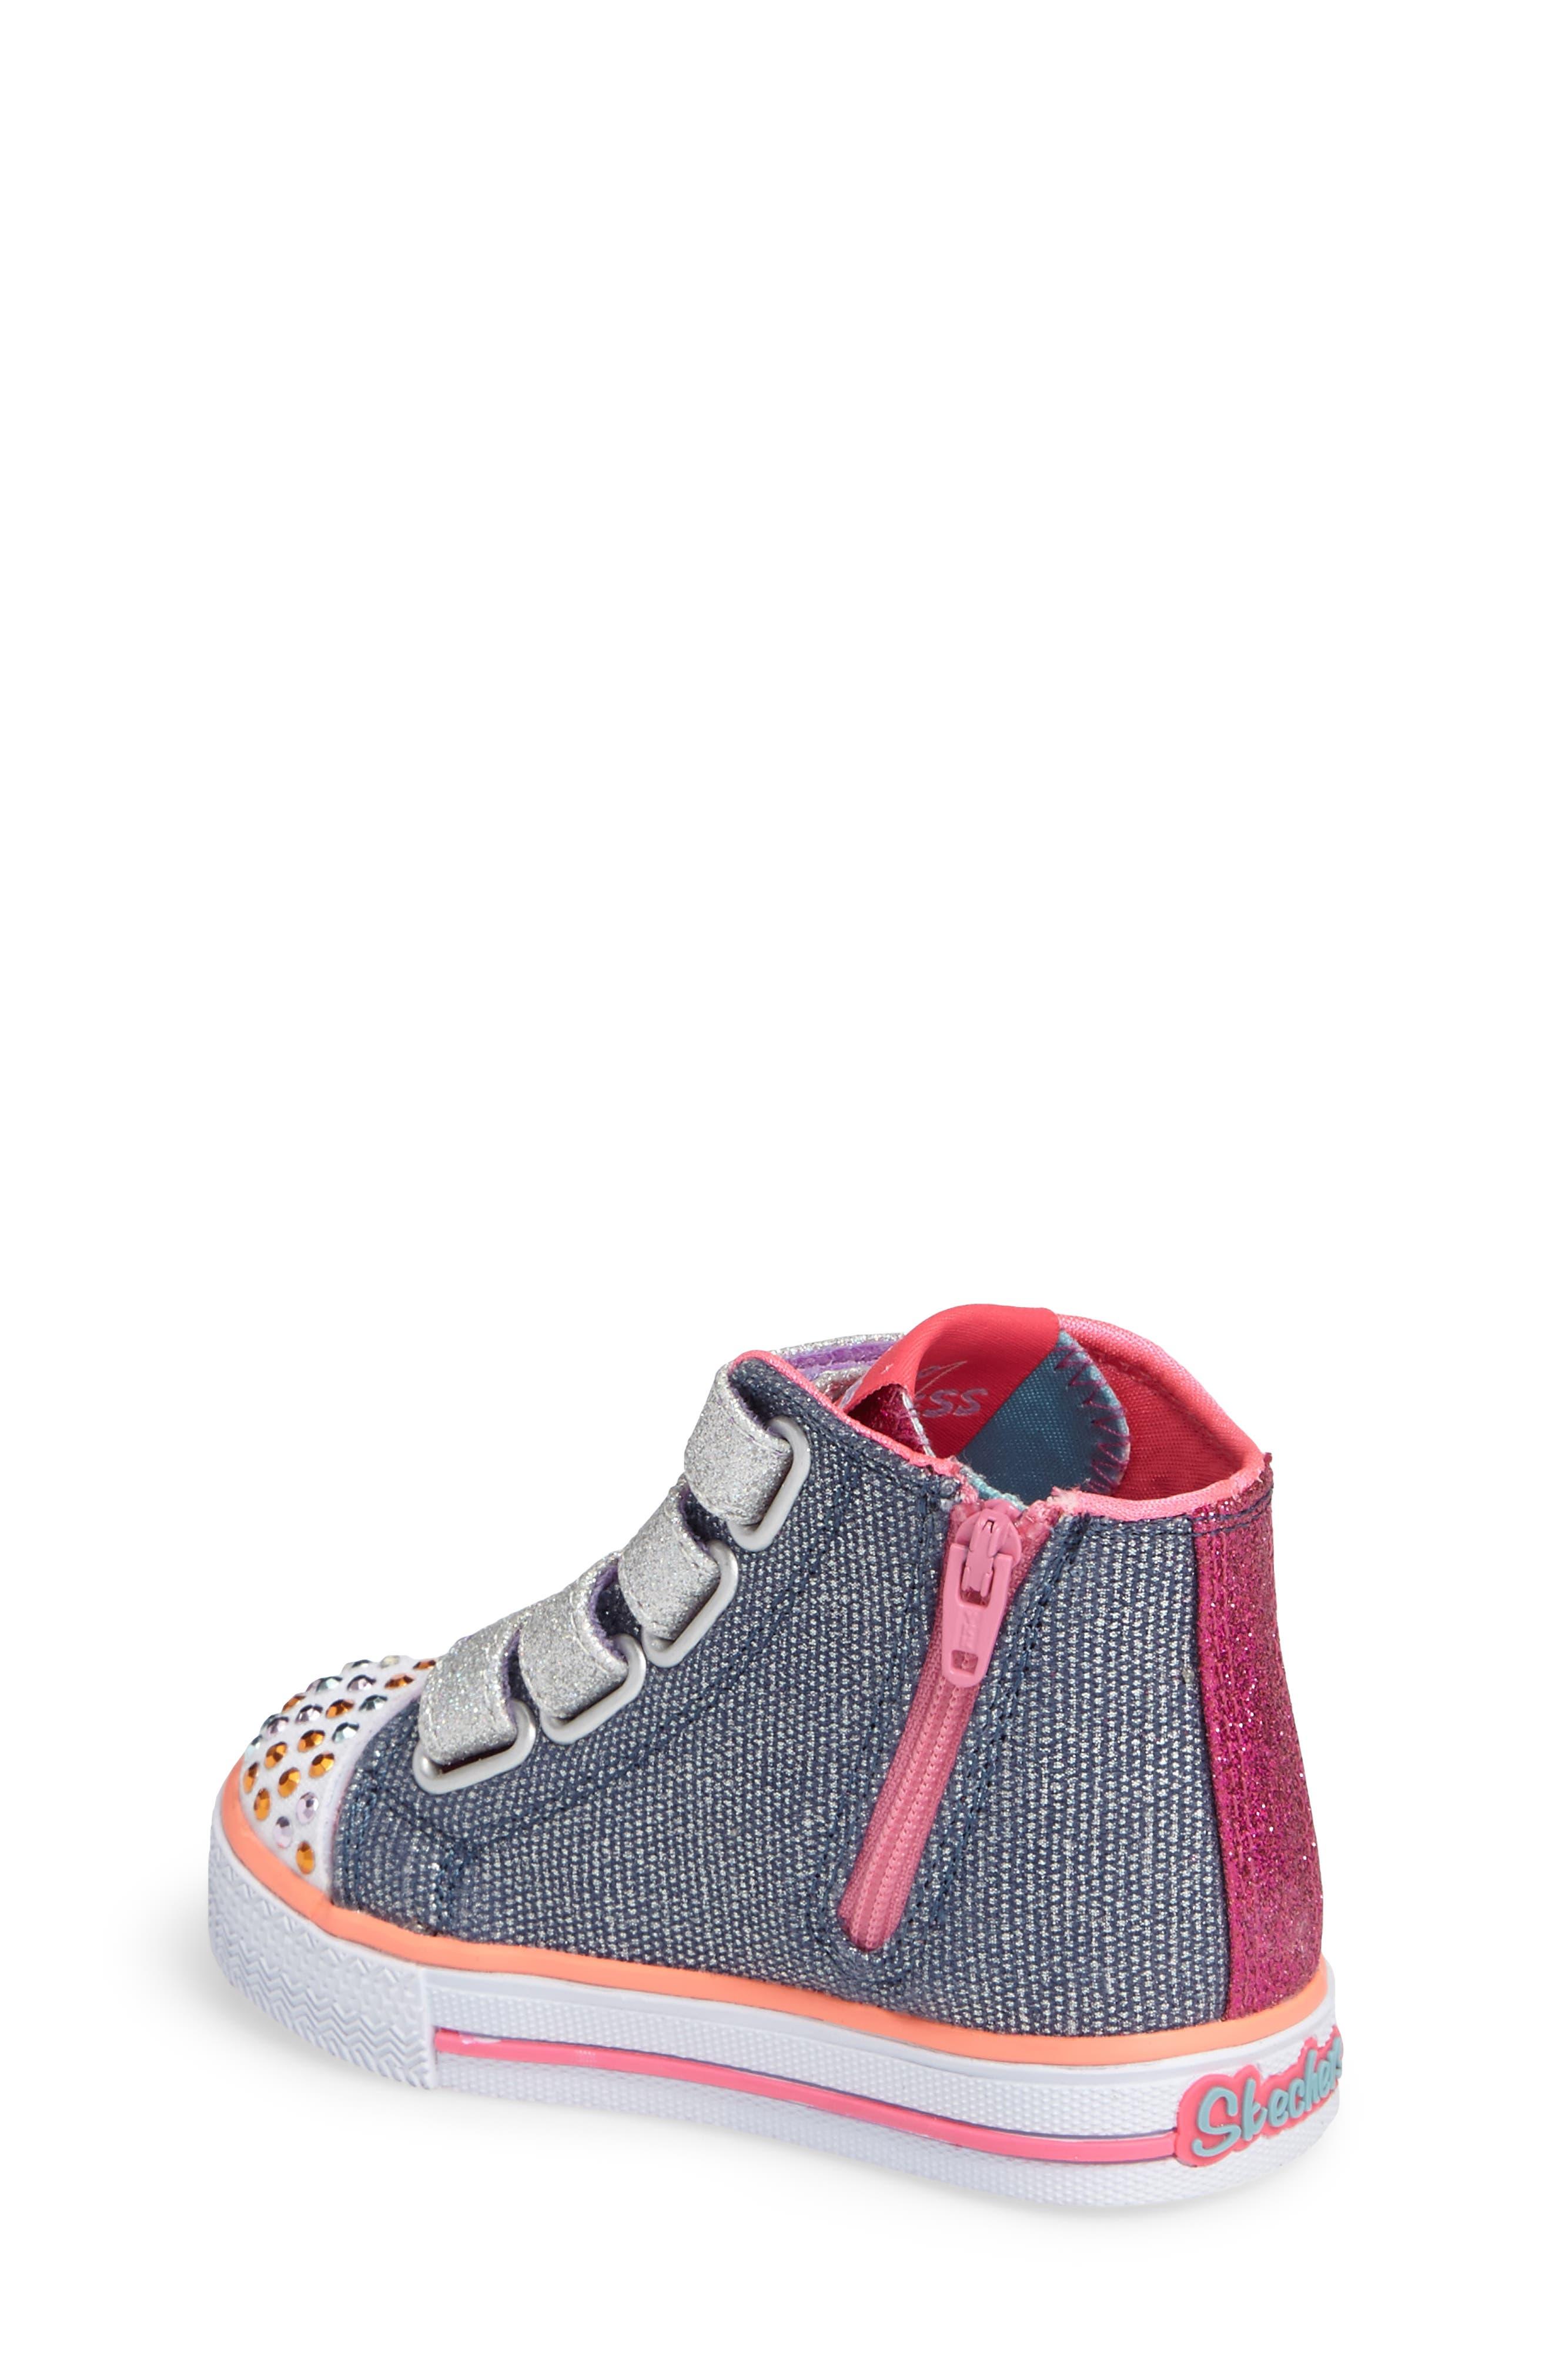 Shuffles Sneaker,                             Alternate thumbnail 2, color,                             468